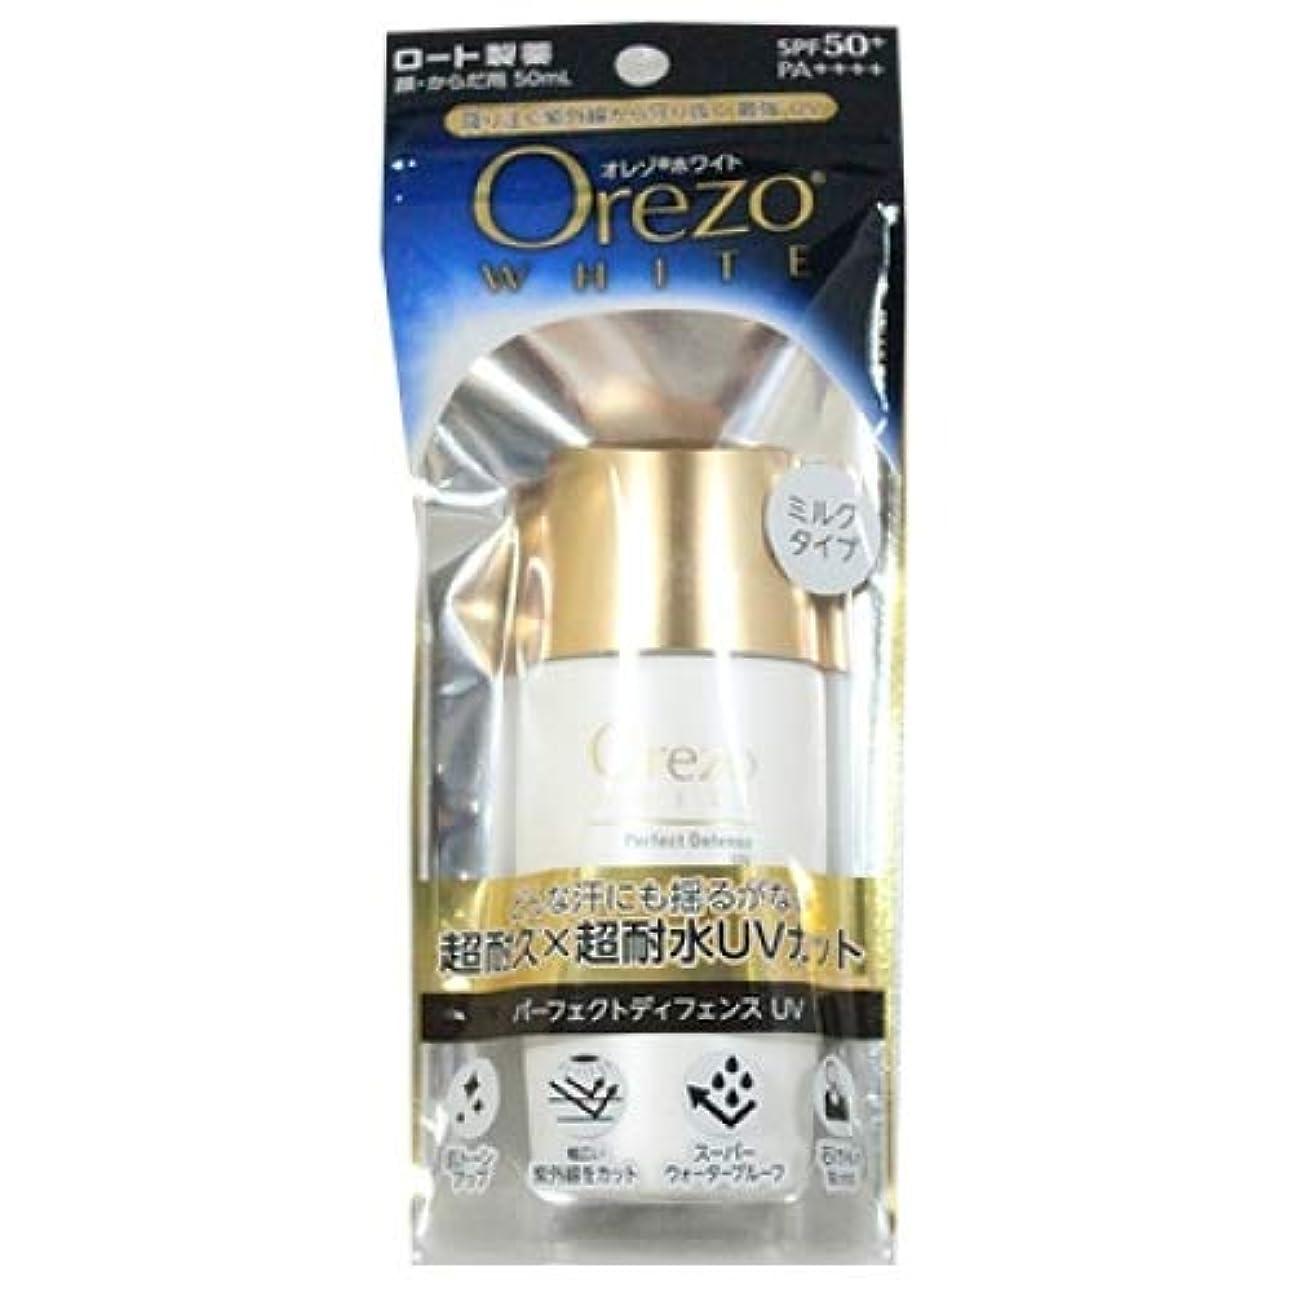 予測する気質通常ロート製薬 Orezo オレゾ ホワイト パーフェクトディフェンスUVa SPF50+ PA++++ (50mL)